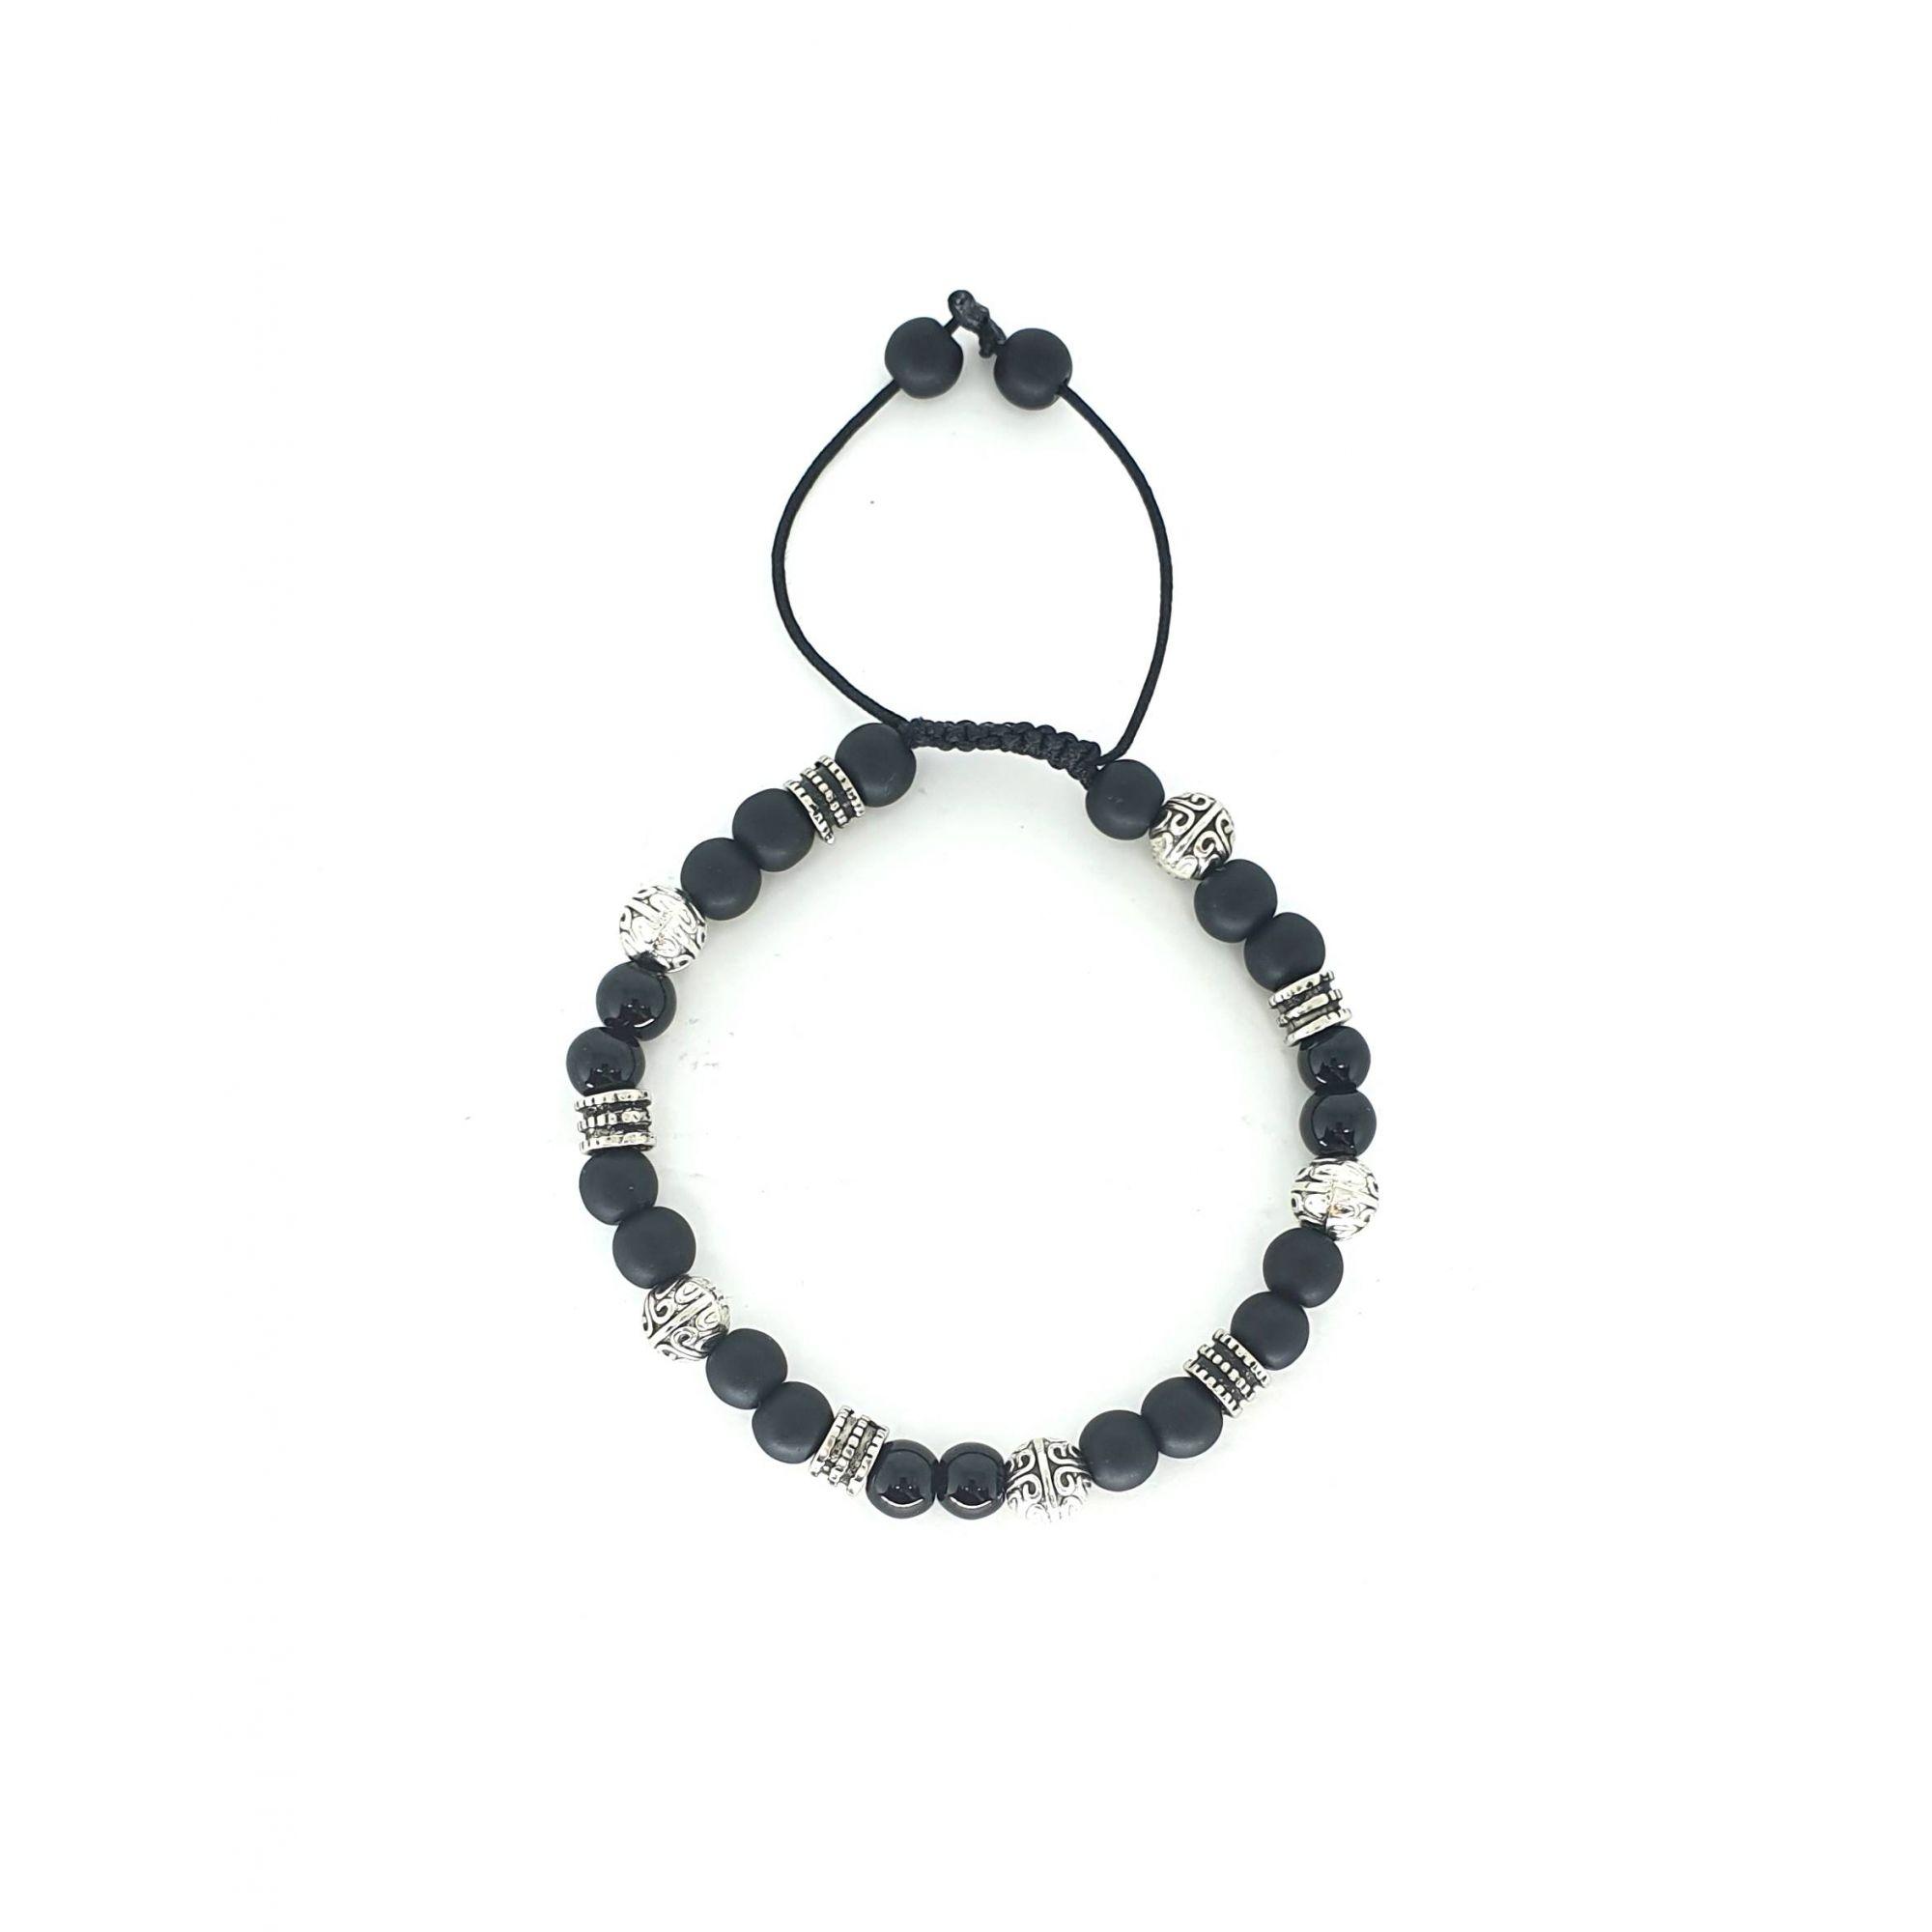 Pulseira Emporio Top de Pedras Black And Silver Fosca